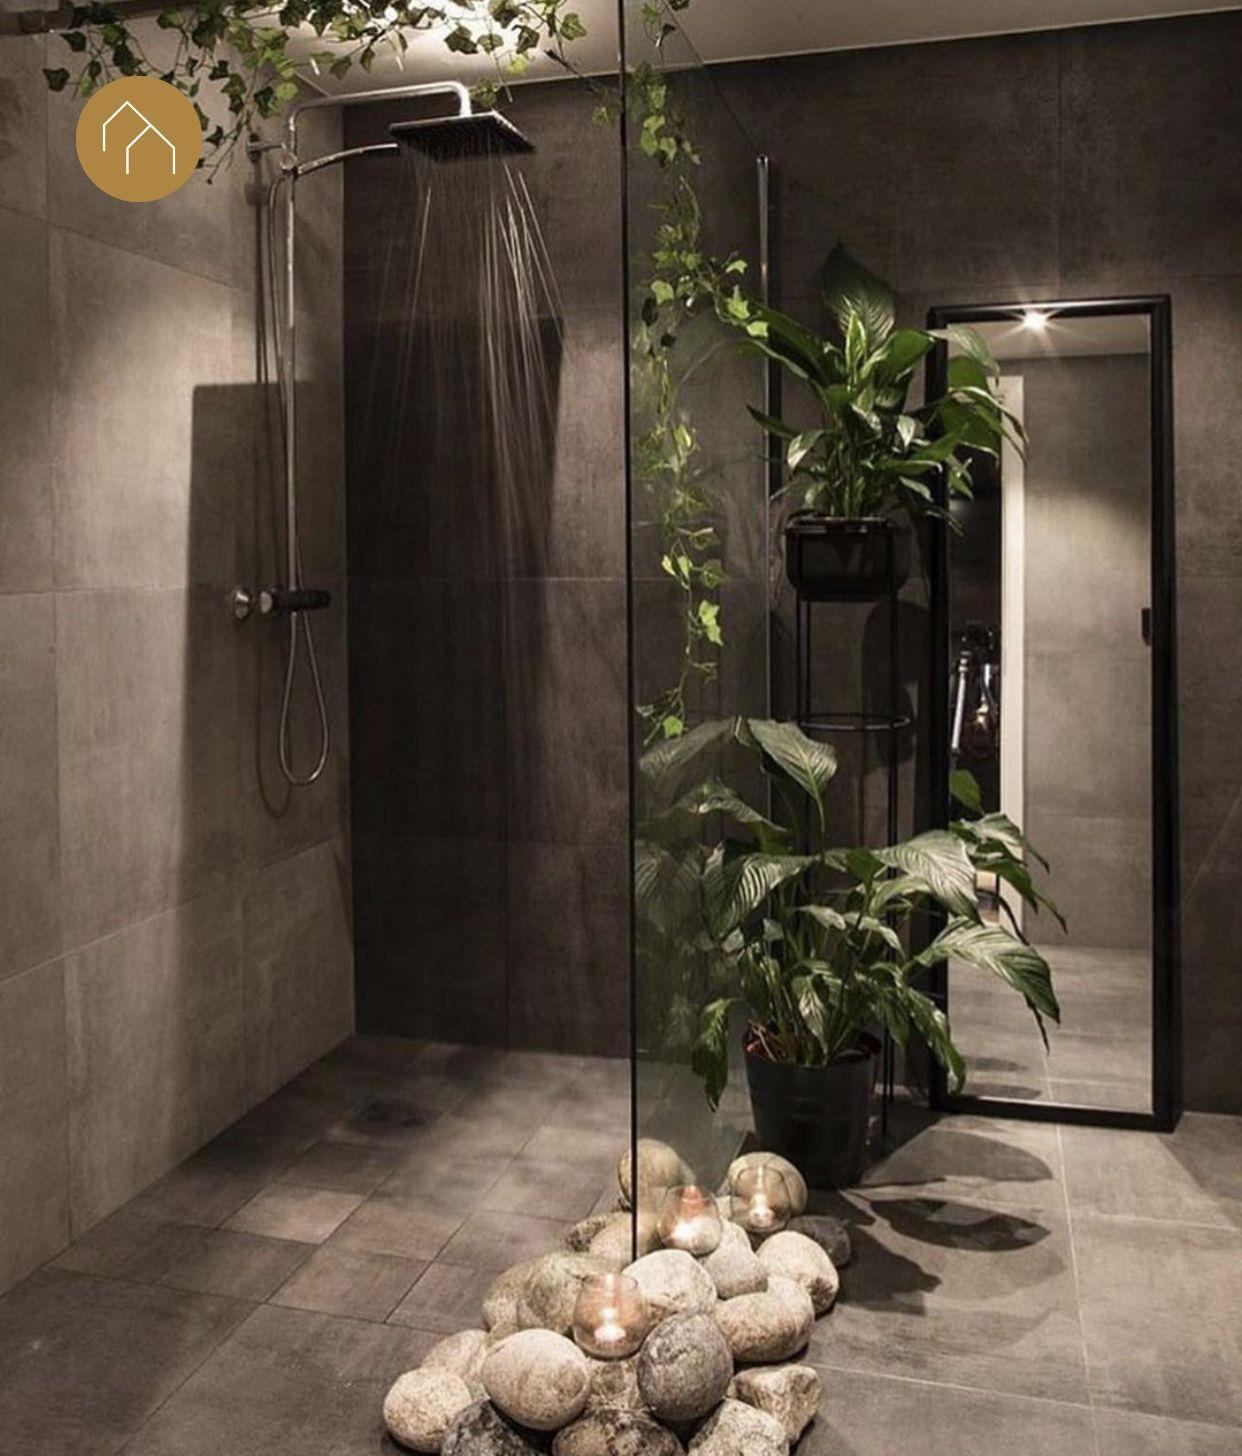 Hele stoere industriële badkamer inspiratie met inloopdouche en regendouche #badkamerinspiratie Antraciet zwarte wandtegels en vloertegels in een hele stoere badkamer! Te gek badkamer idee om zo veel planten in de badkamer te zetten. De inloopdouche is te gek aangekleed! Prachtige badkamer inspiratie. #skypejebadkamer #badkamerinspiratie